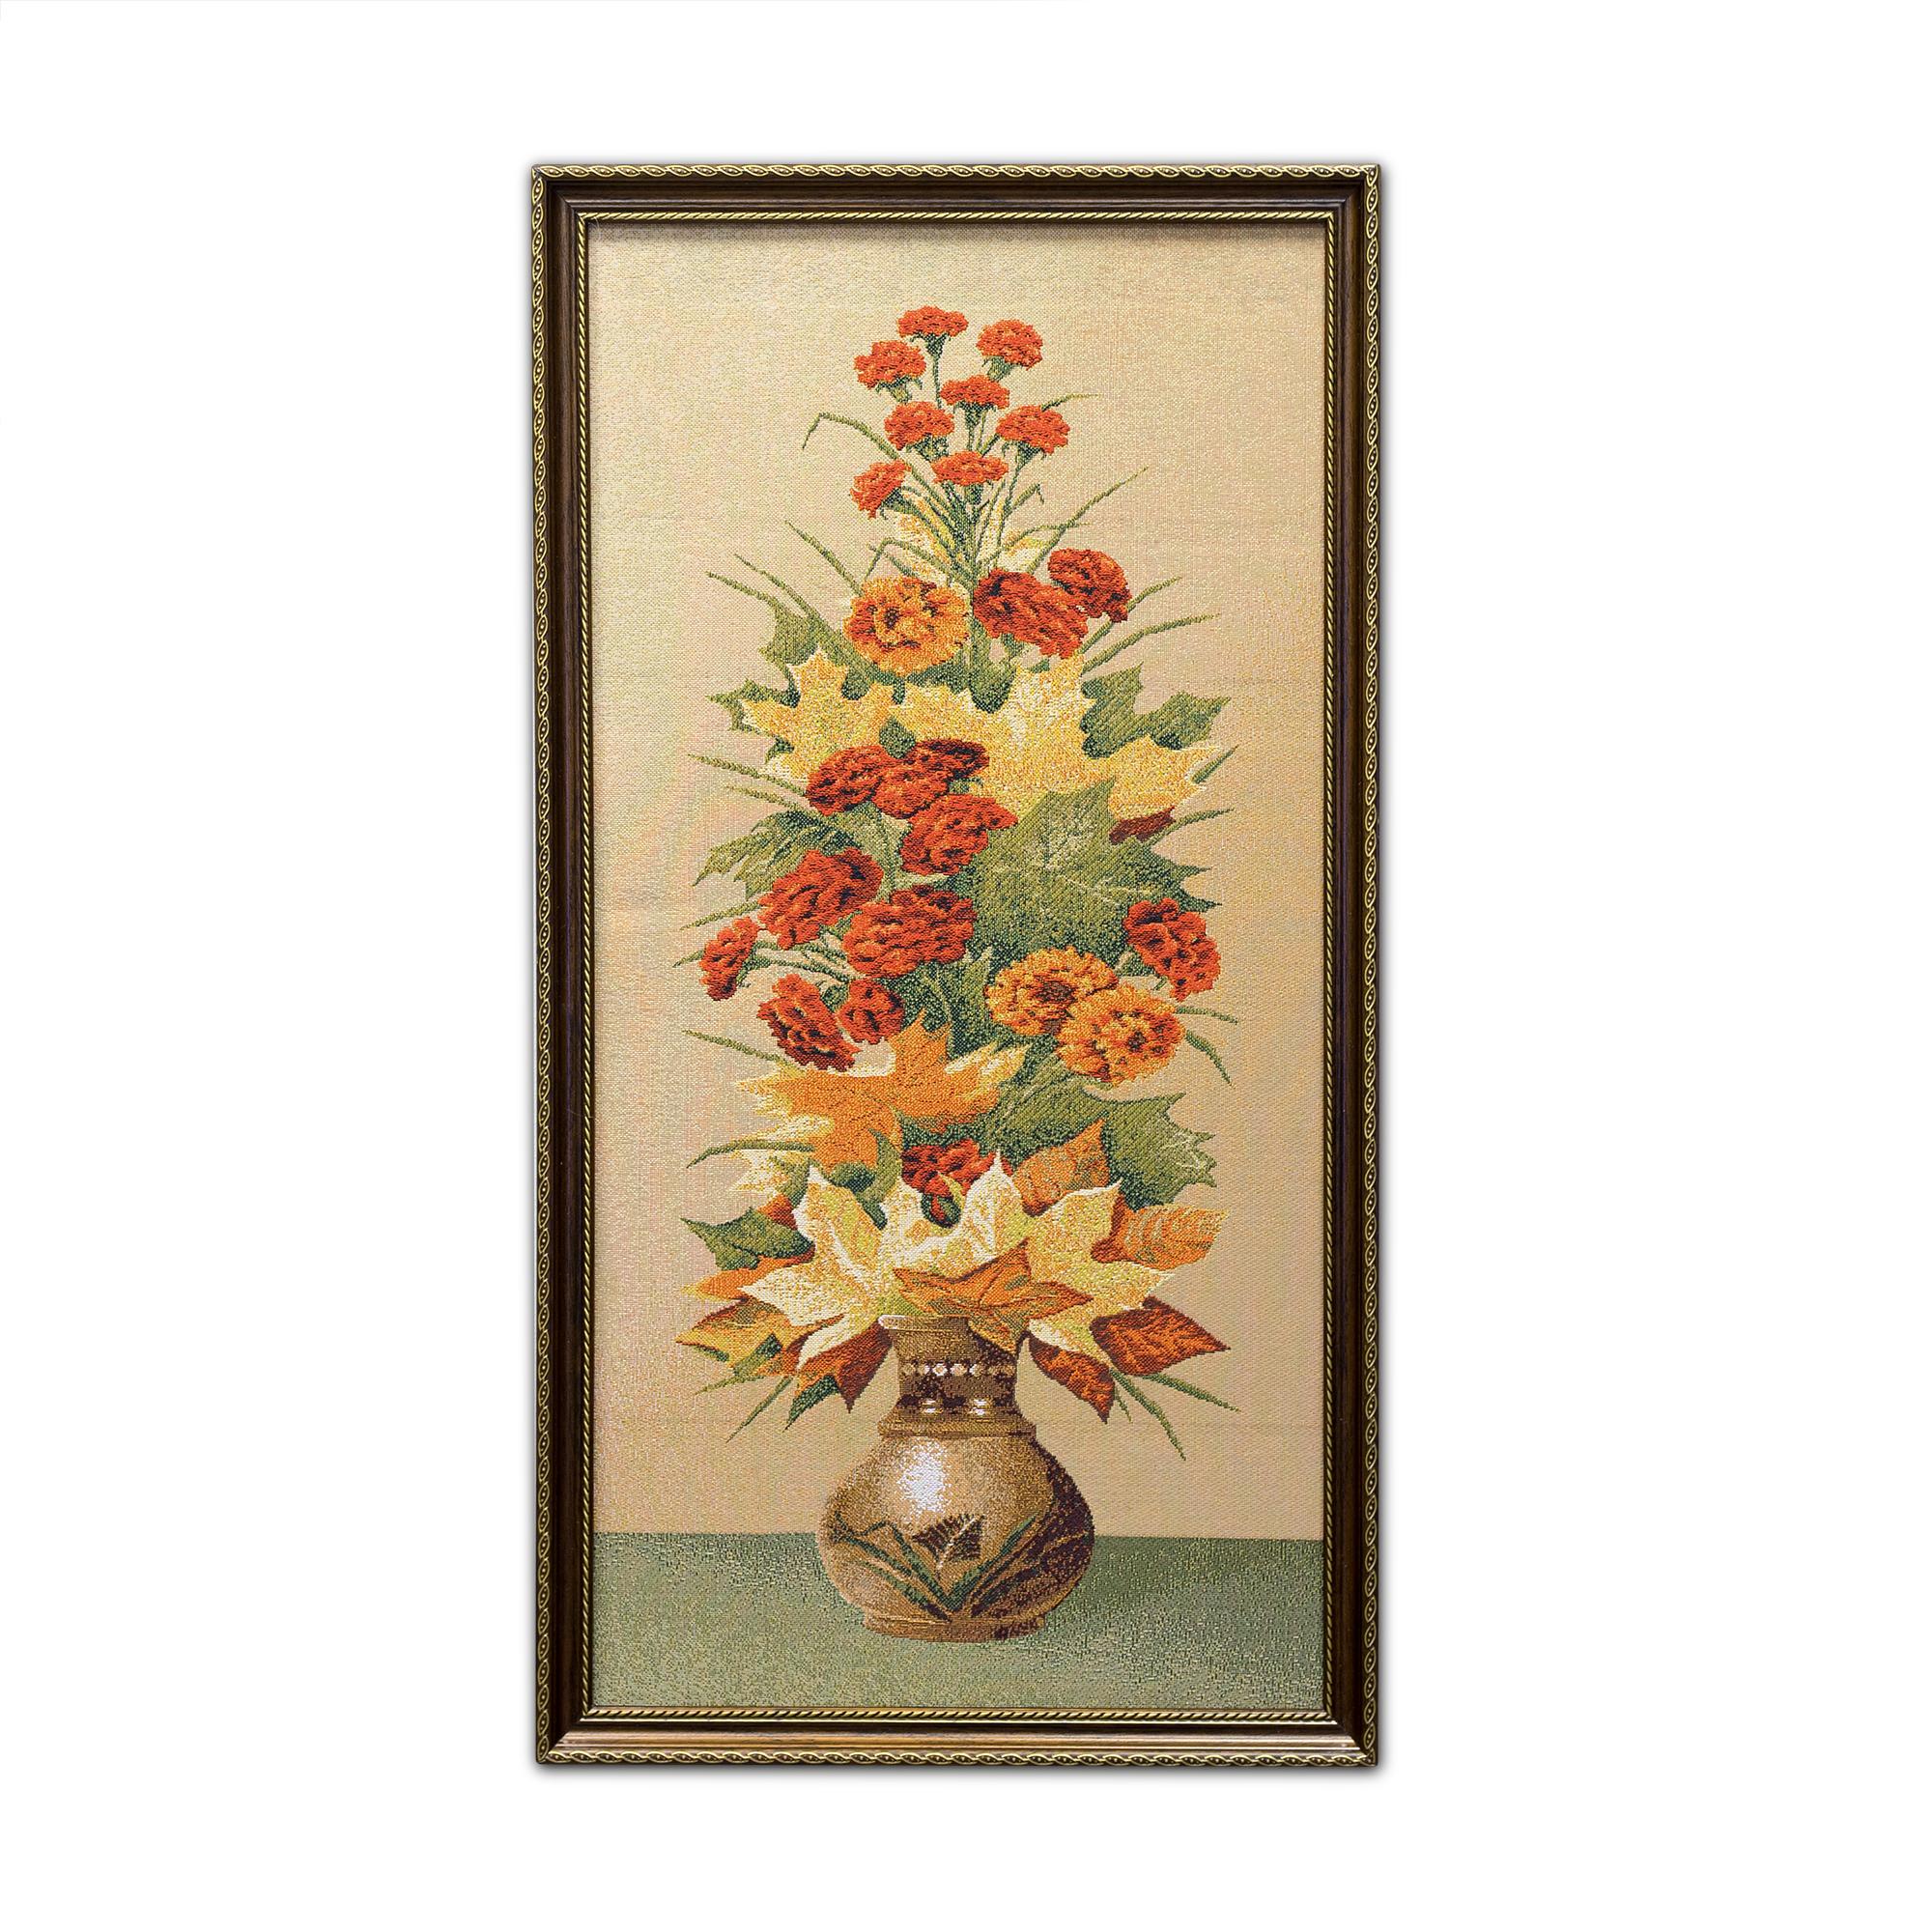 Купить Картины, постеры, гобелены, панно A La Gobelin, Картина Букет Осенний (39х73 см), Россия, Гобелен